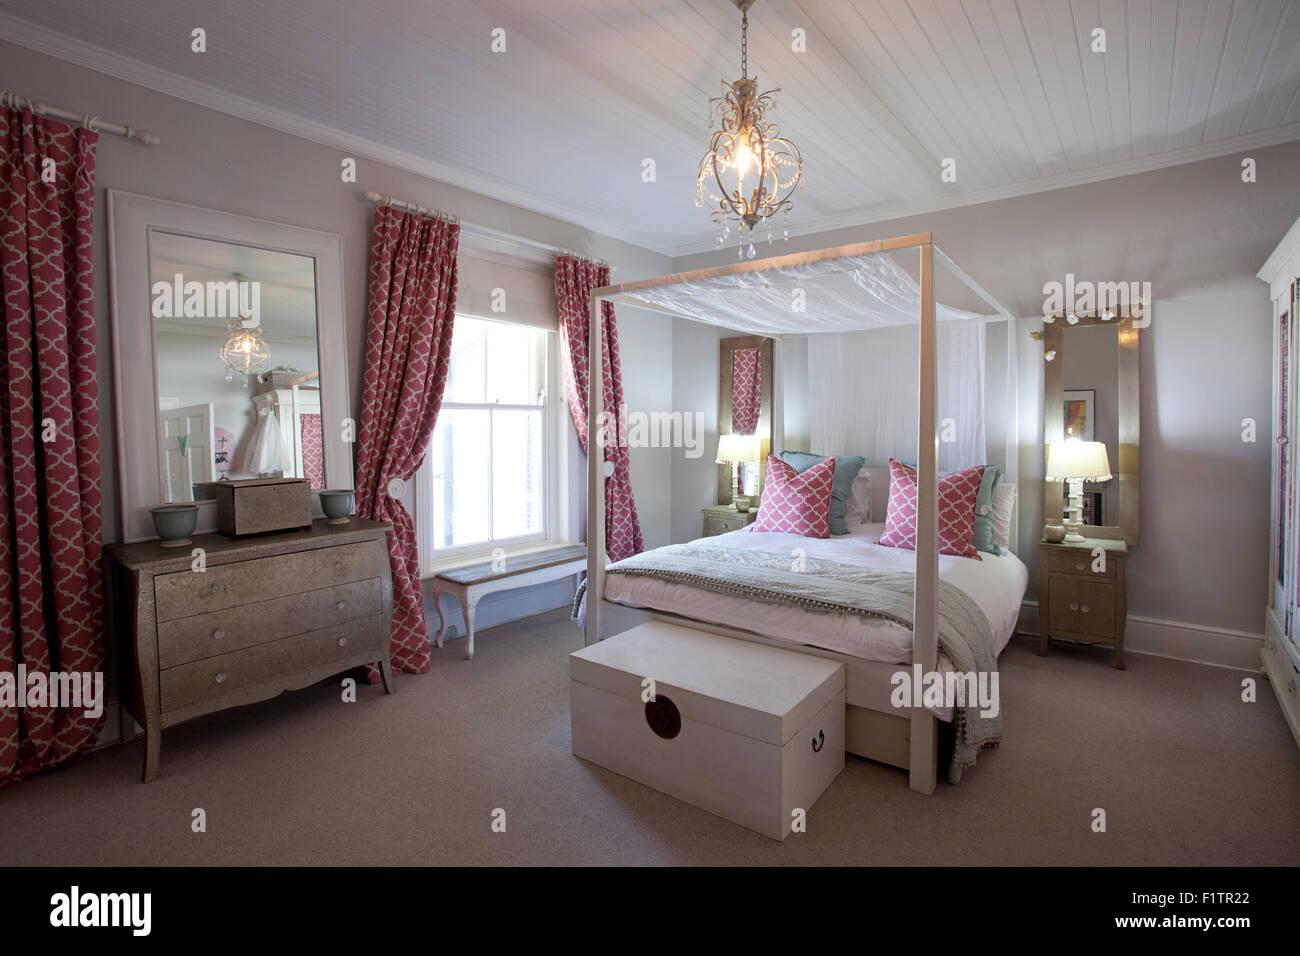 Foto di interni di una camera da letto le ragazze con un ...